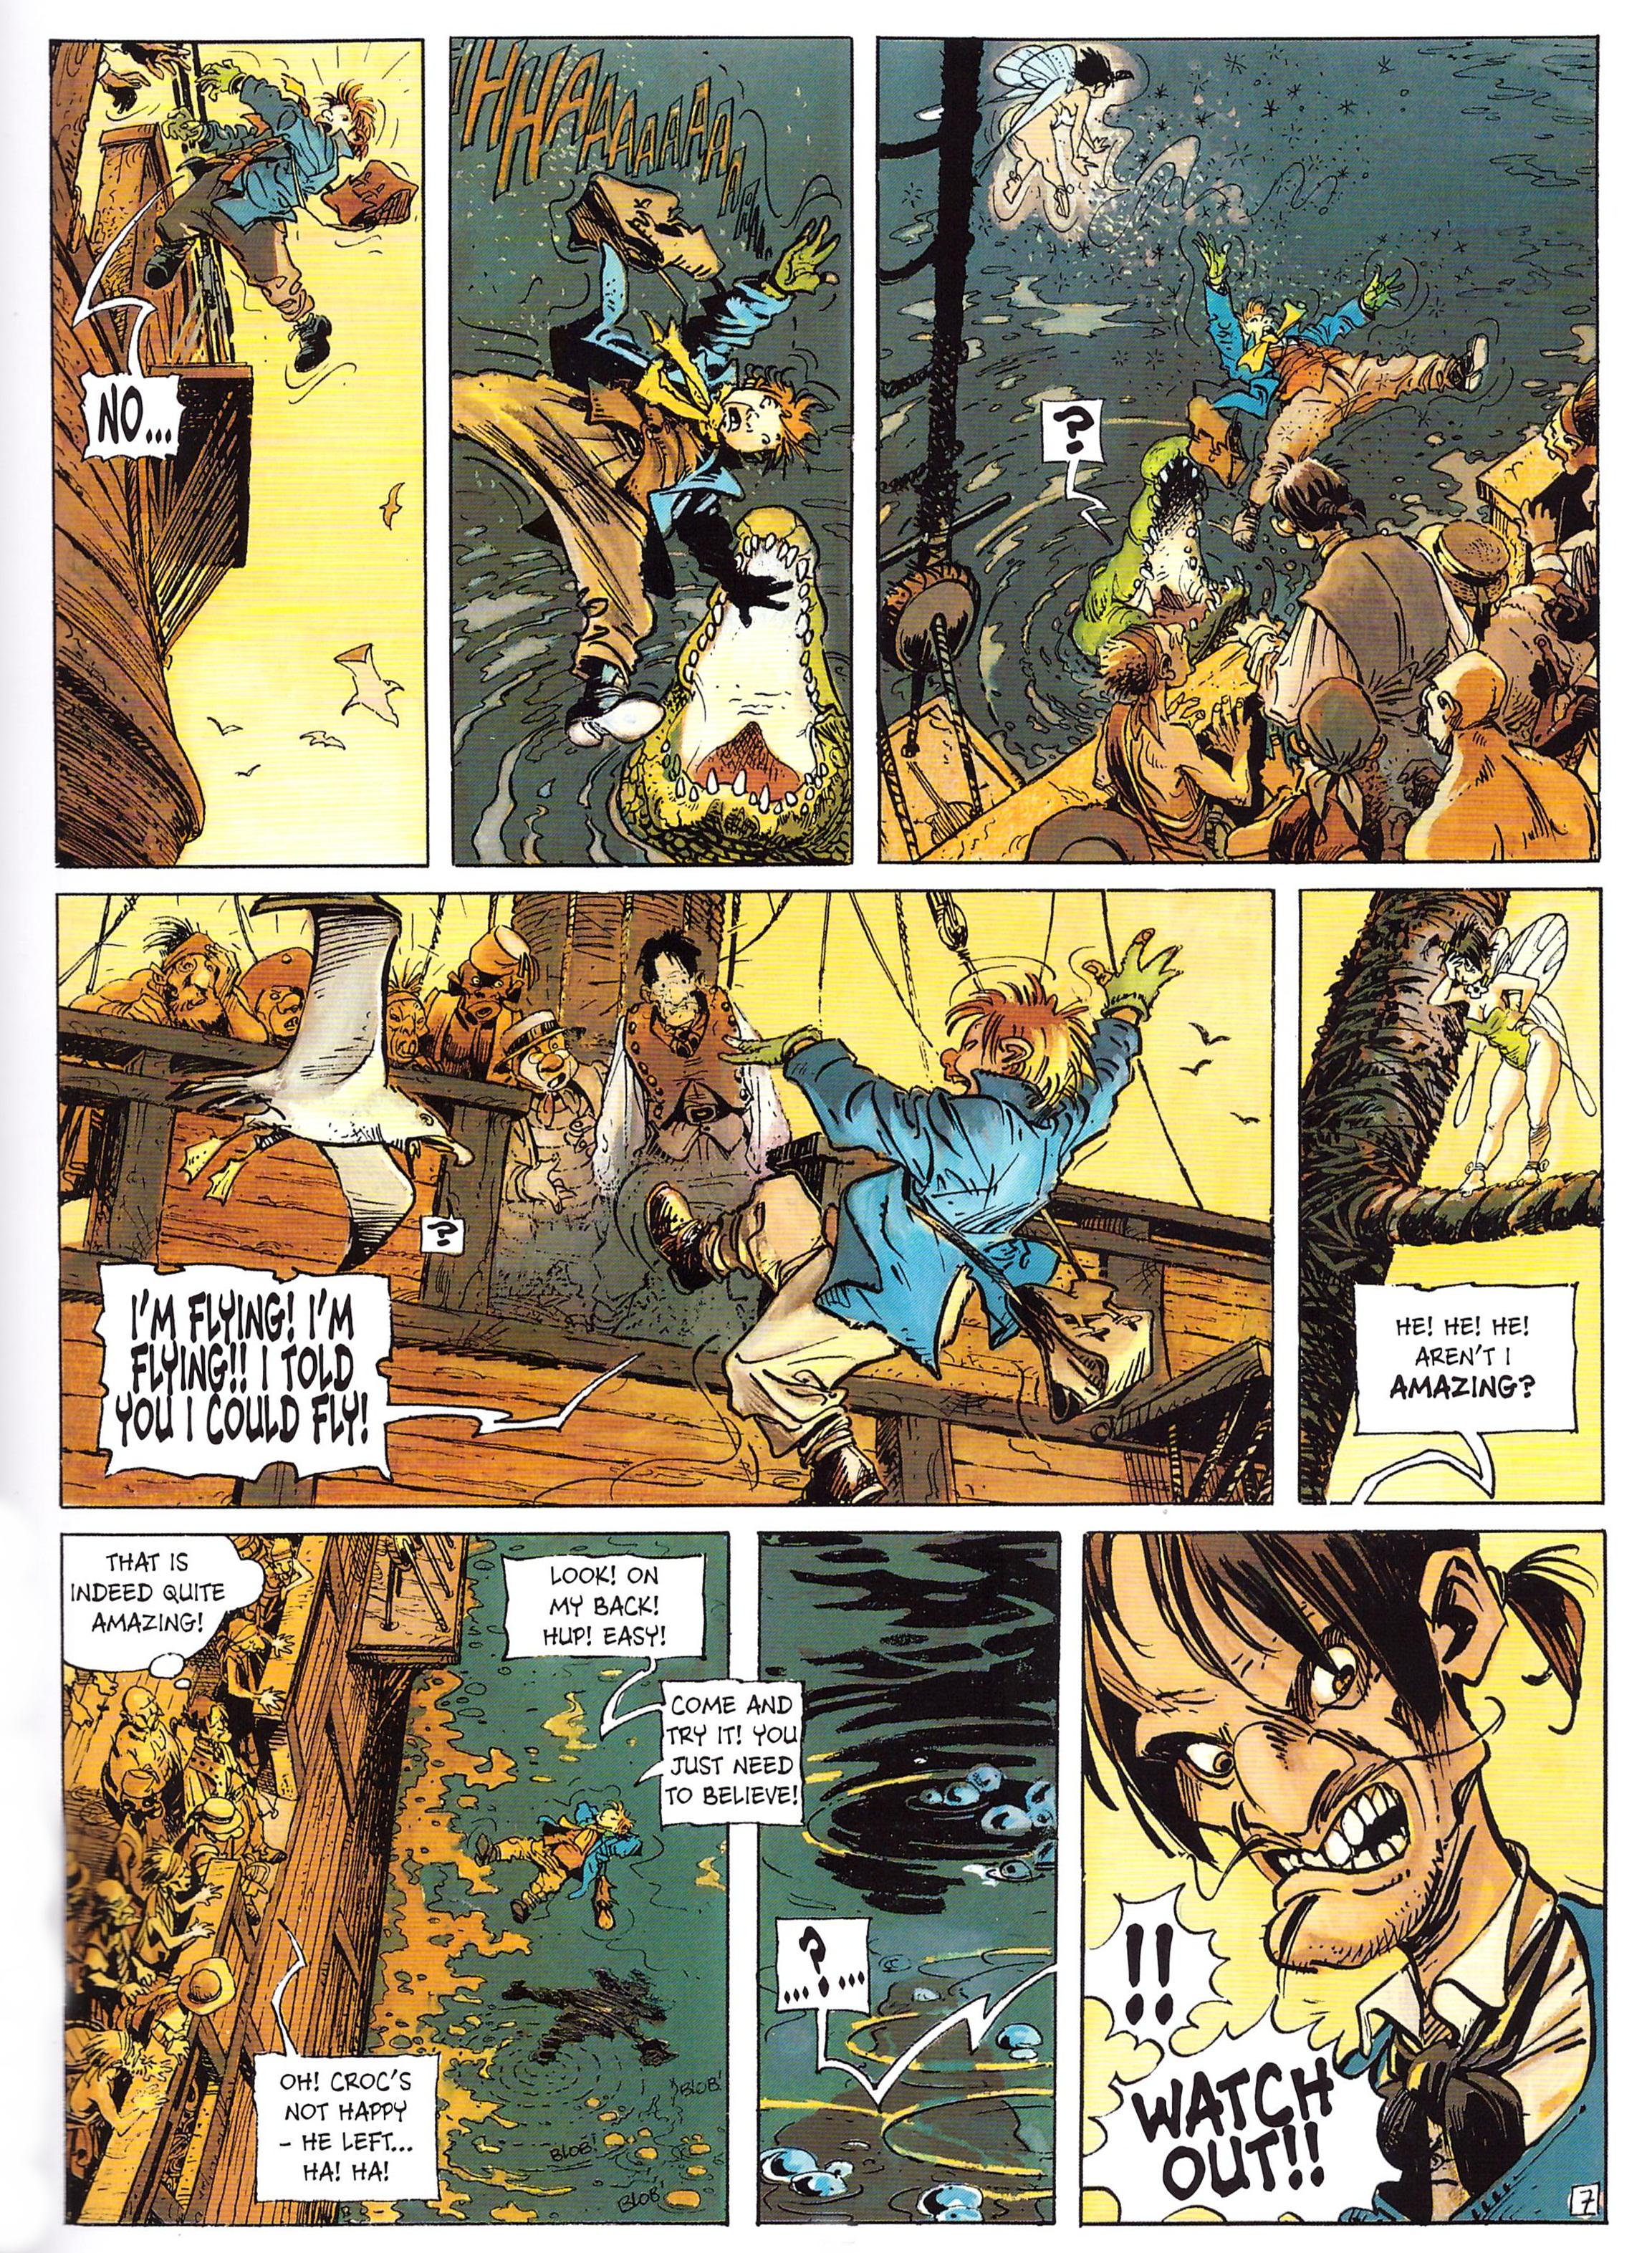 Peter Pan Neverland review